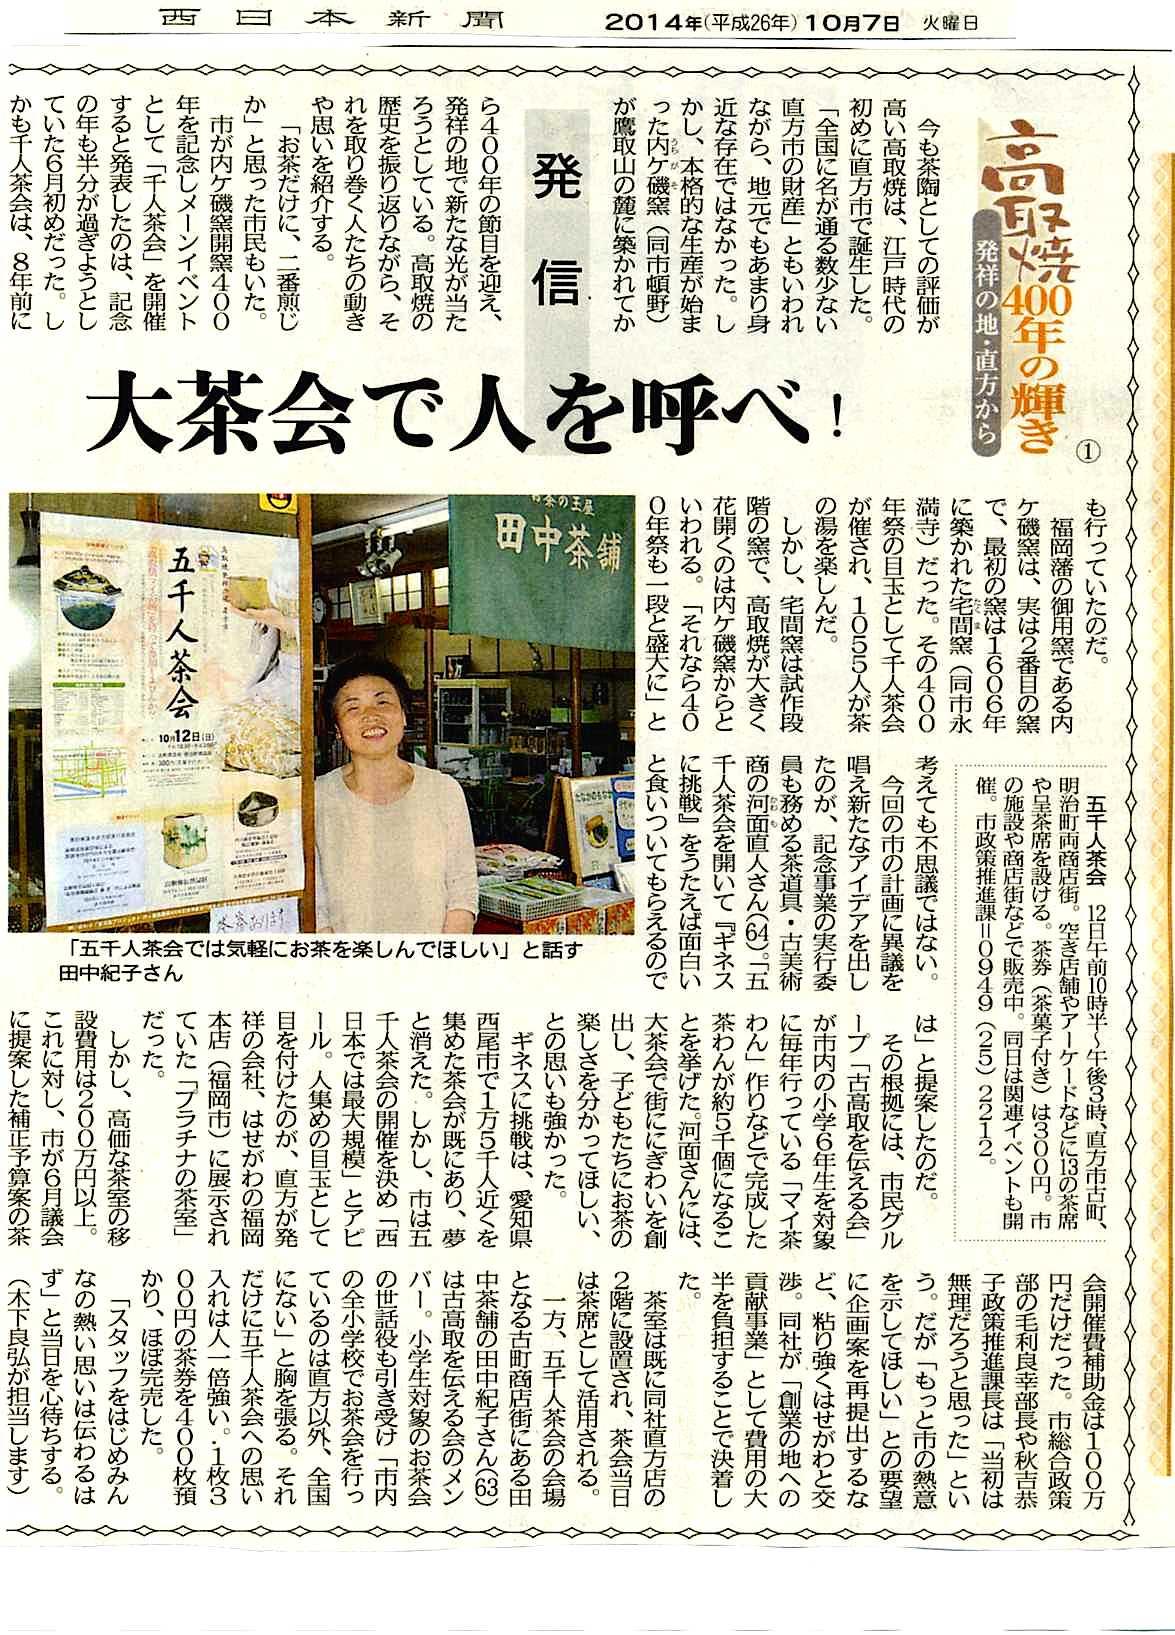 01-nishinippon-takatori2014.10.07